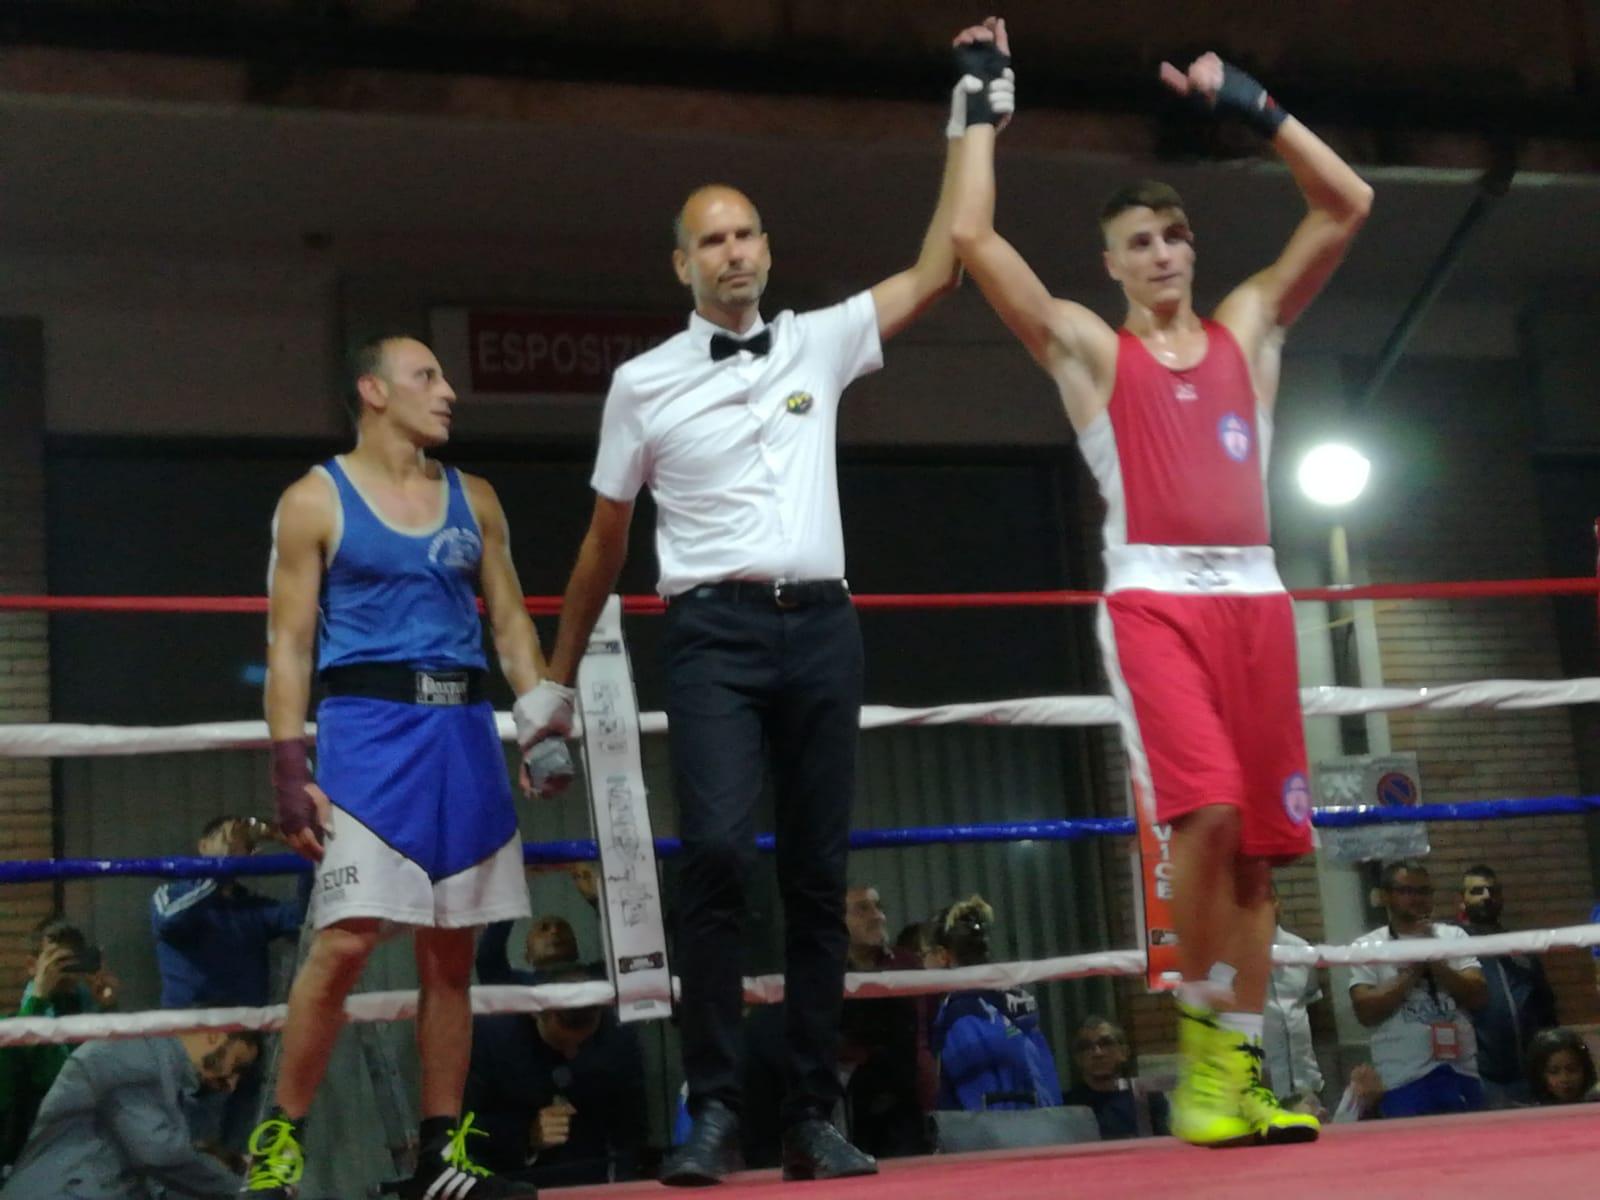 Grande Boxe nella Marsica, Amedeo Sauli vince al debutto con il gruppo sportivo Fiamme Azzurre